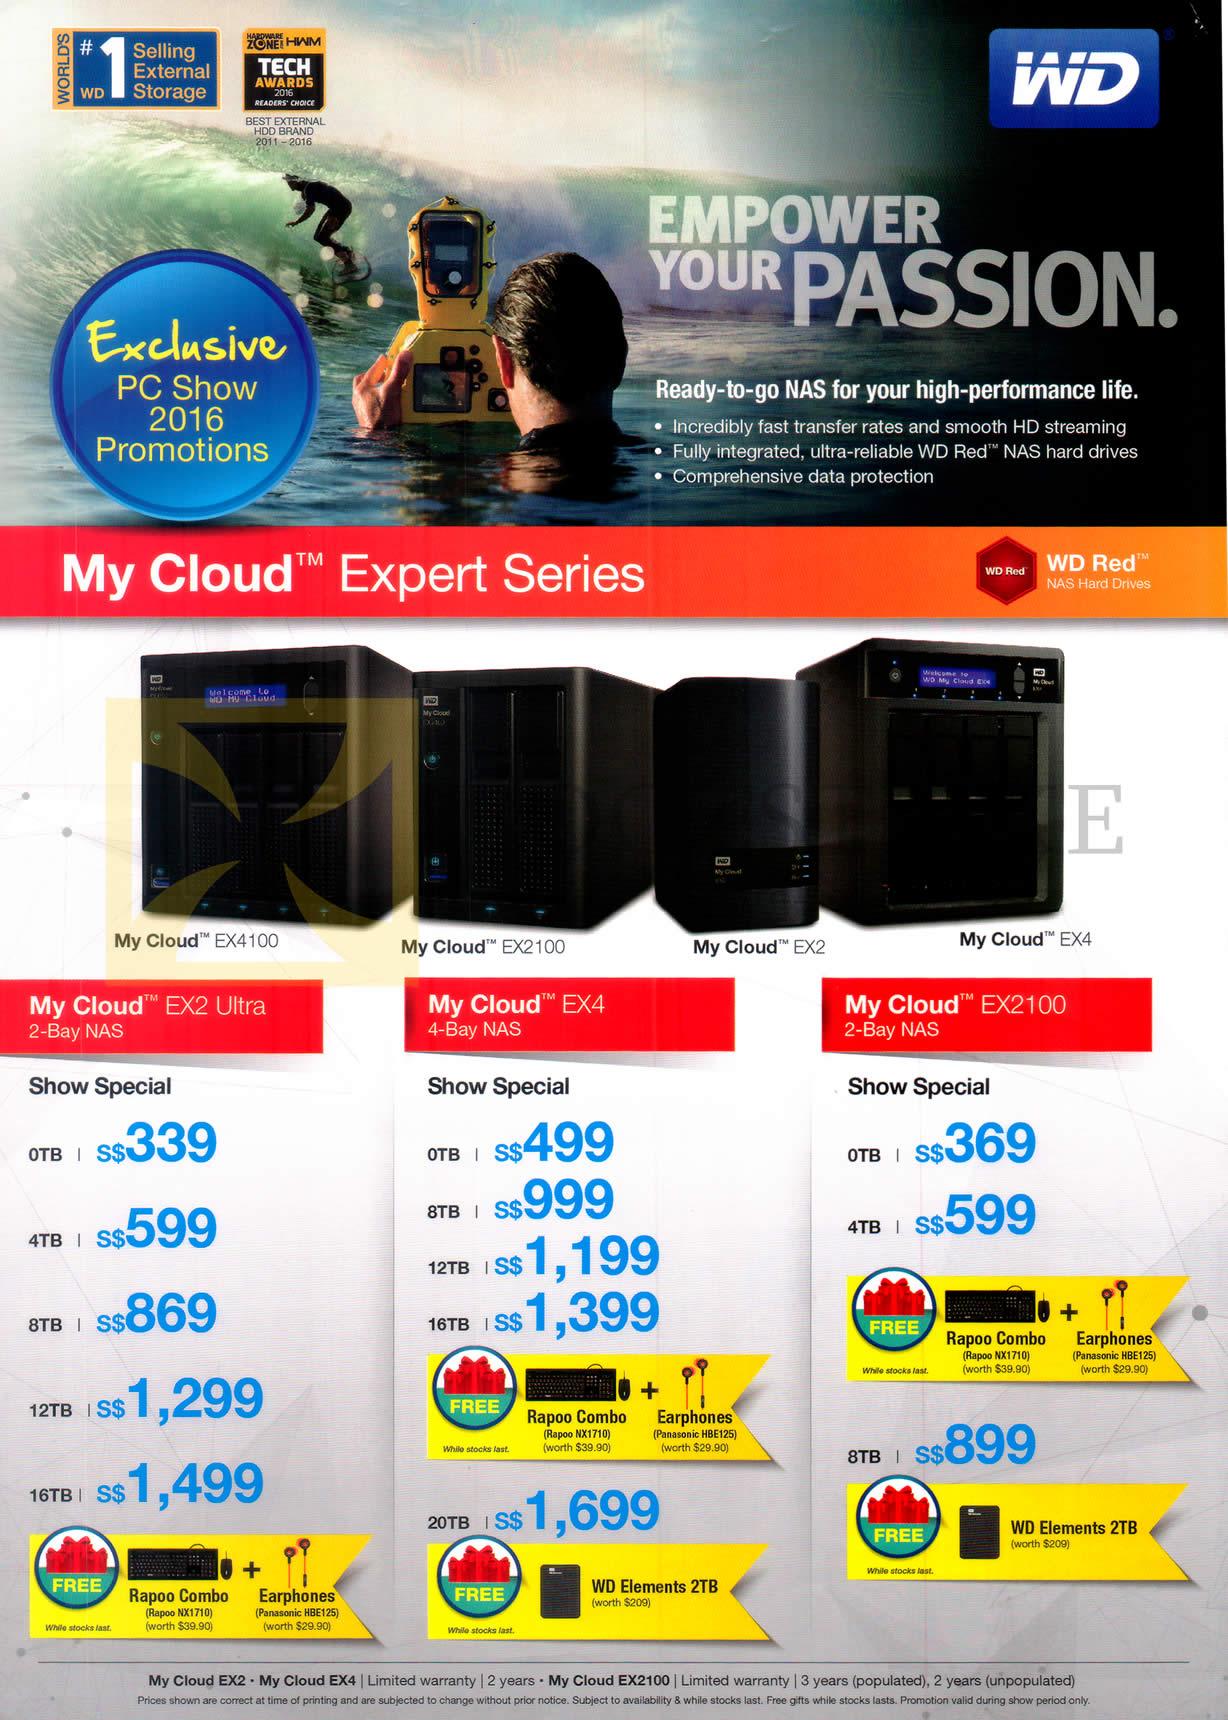 PC SHOW 2016 price list image brochure of Western Digital NAS Storage My Cloud Expert Series EX2 Ultra, EX4, EX2100, 0TB, 4TB, 8TB, 12TB, 16TB, 20TB